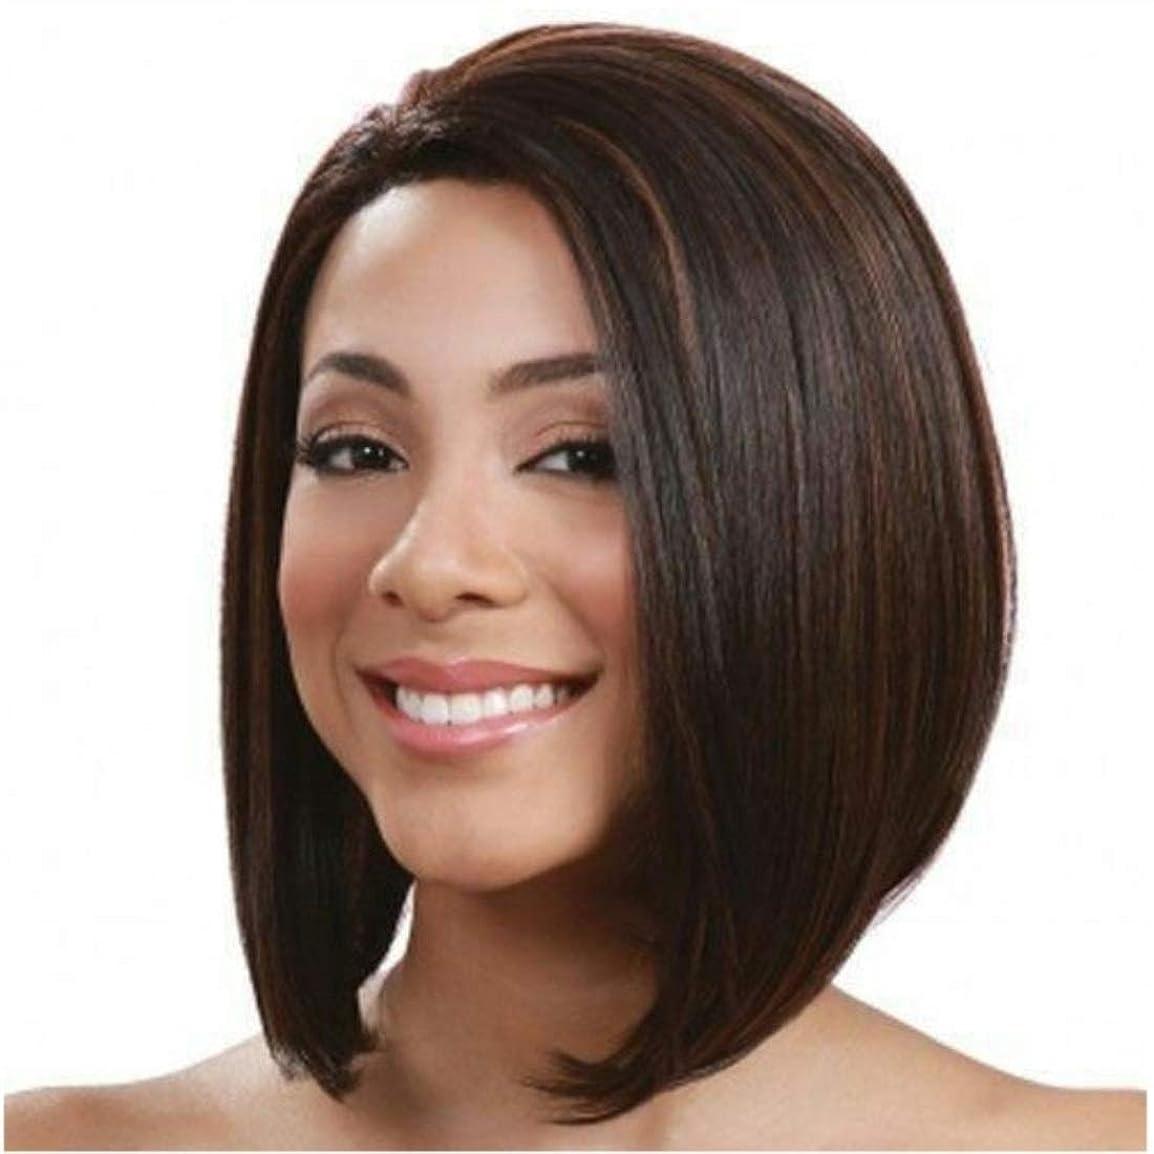 敬な争う拾うSummerys 前髪合成耐熱性女性のヘアスタイルと短いふわふわボブ変態ストレートヘアウィッグ (Color : Navy brown)